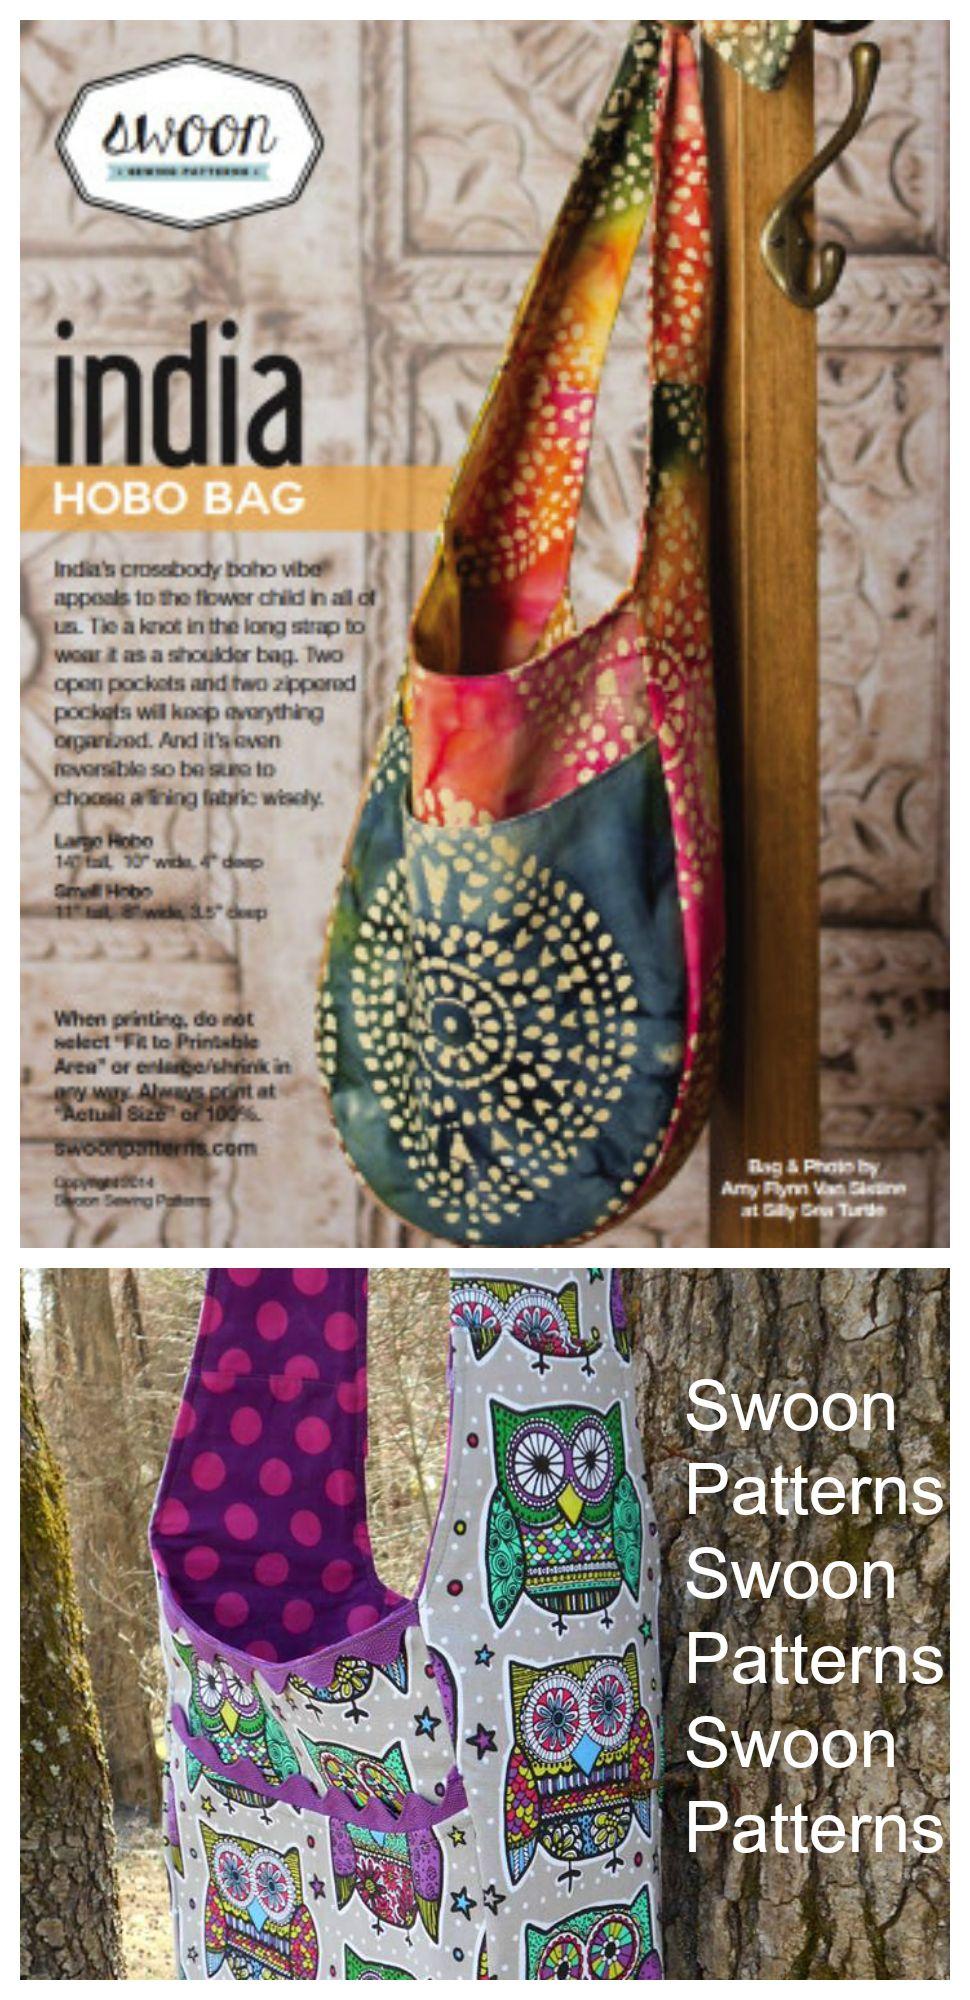 India Hobo Bag | Rucksack tasche, Rucksäcke und Nähen